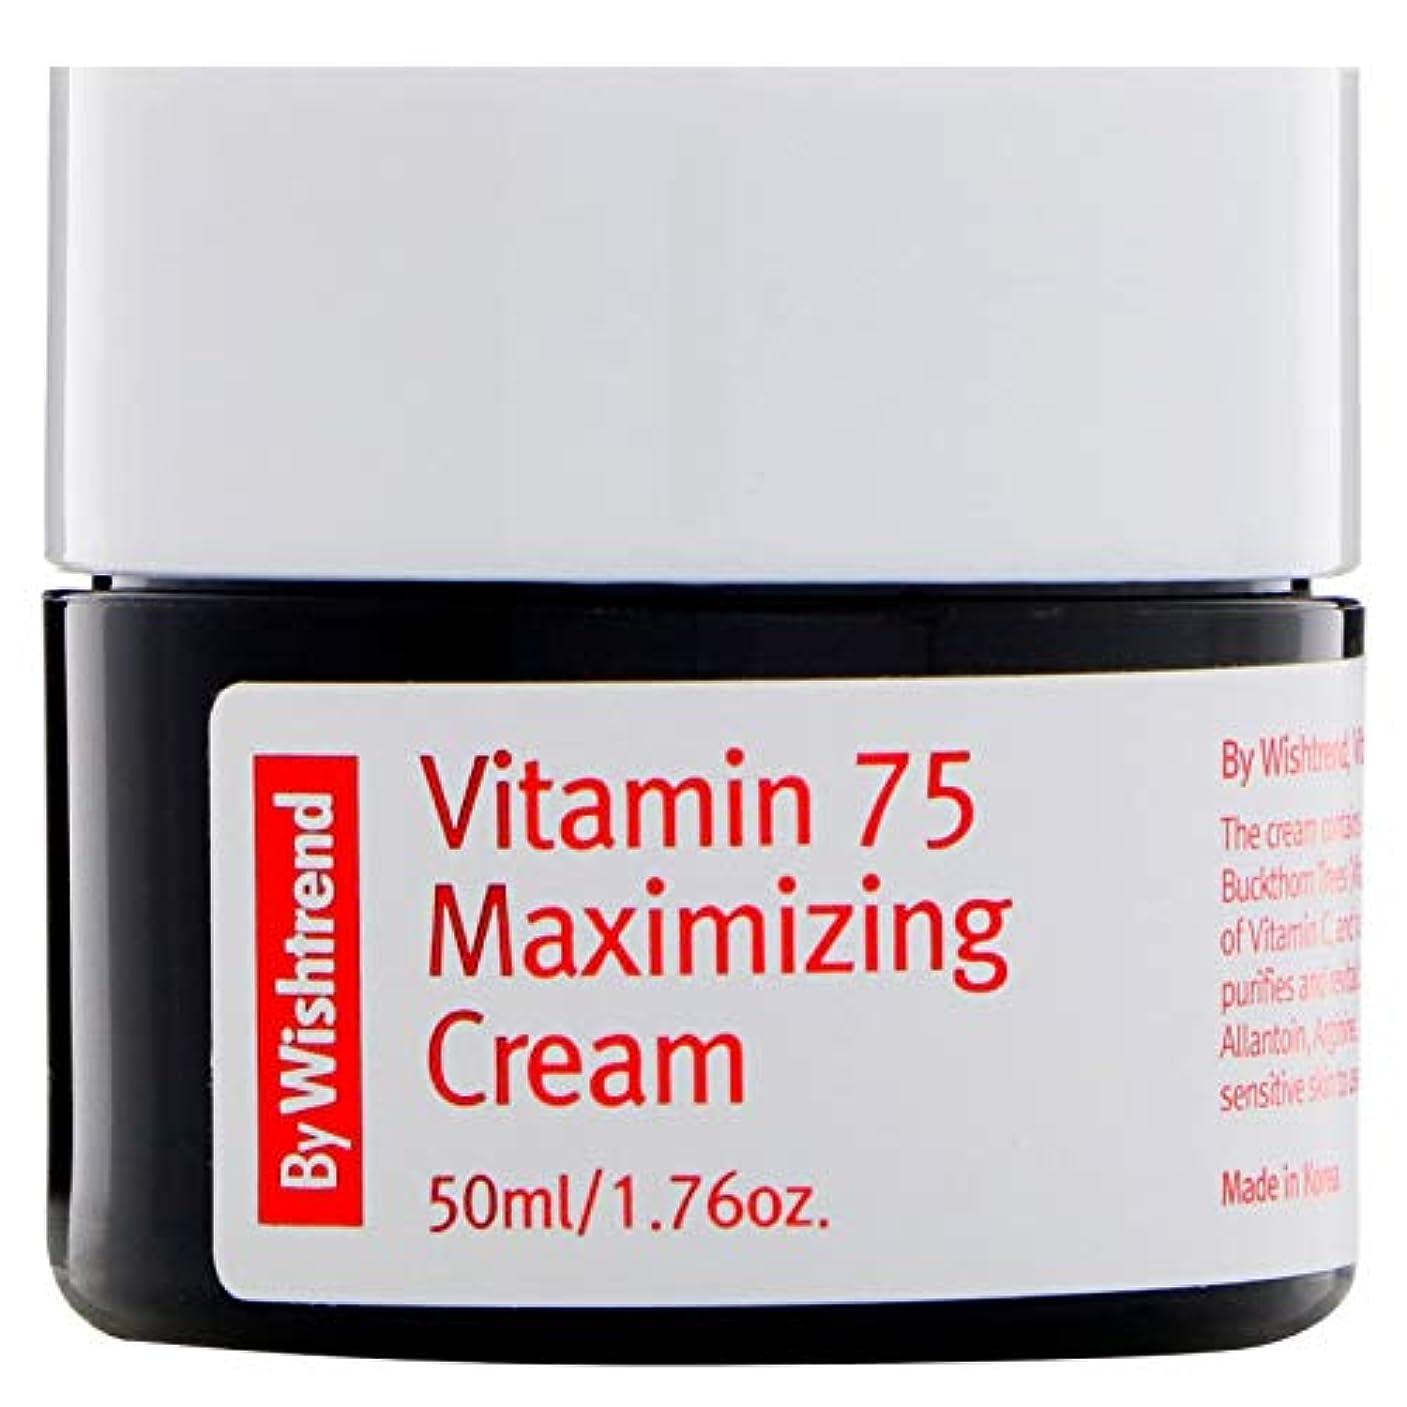 抱擁アヒル階層[BY WISHTREND]ビタミン75 マキシマイジング クリーム, Vitamin 75 Maximizing Cream [並行輸入品]